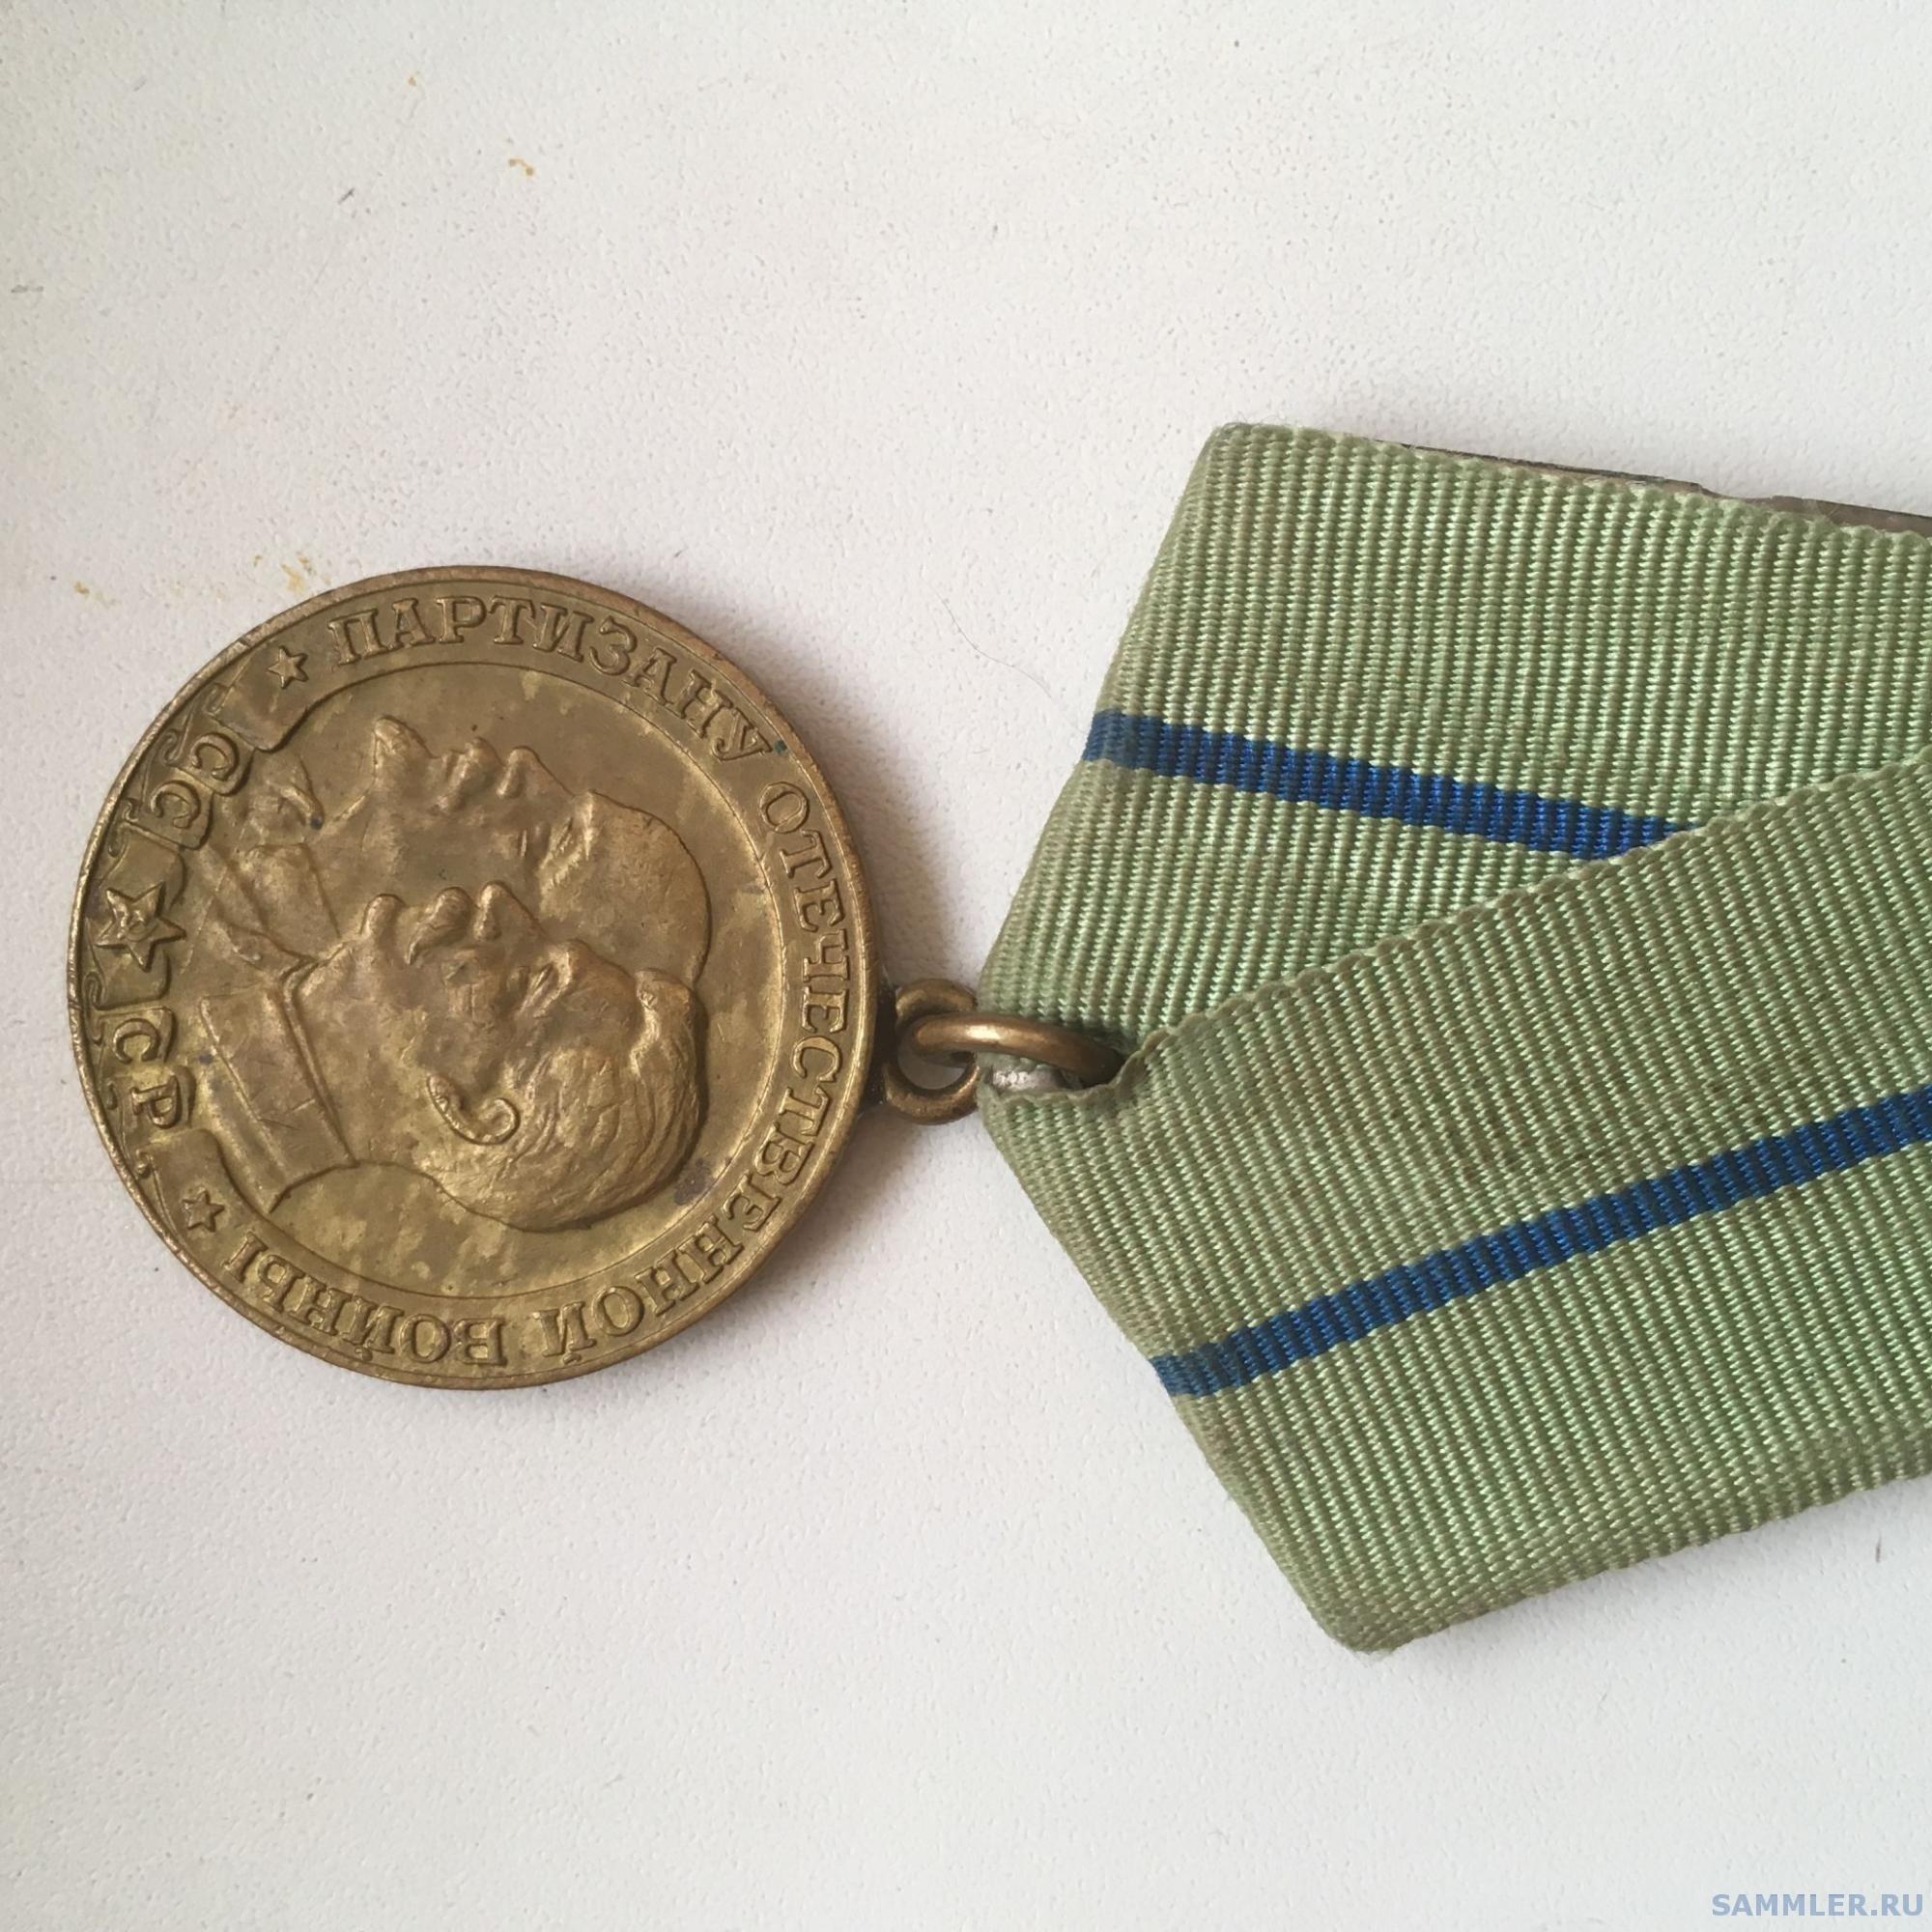 Медаль Партизану Отечественной Войны 2ст, родной сбор_2.jpg